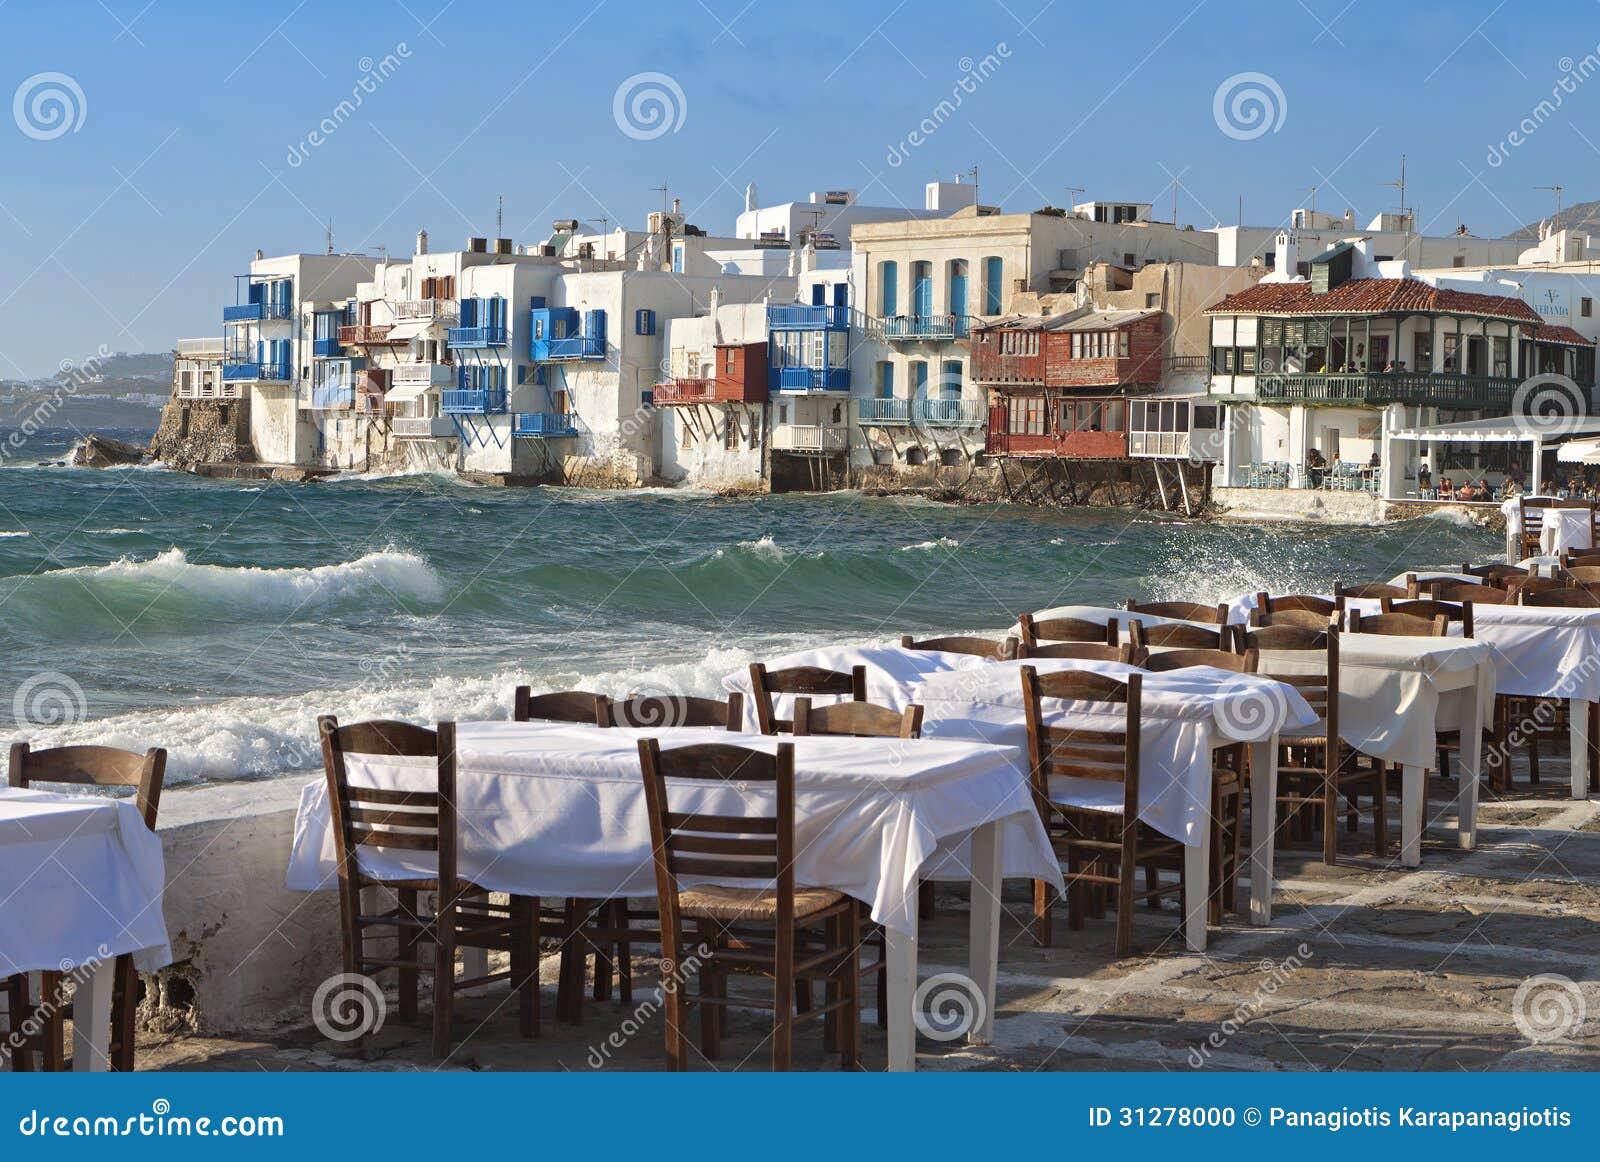 Νησί της Μυκόνου στην Ελλάδα